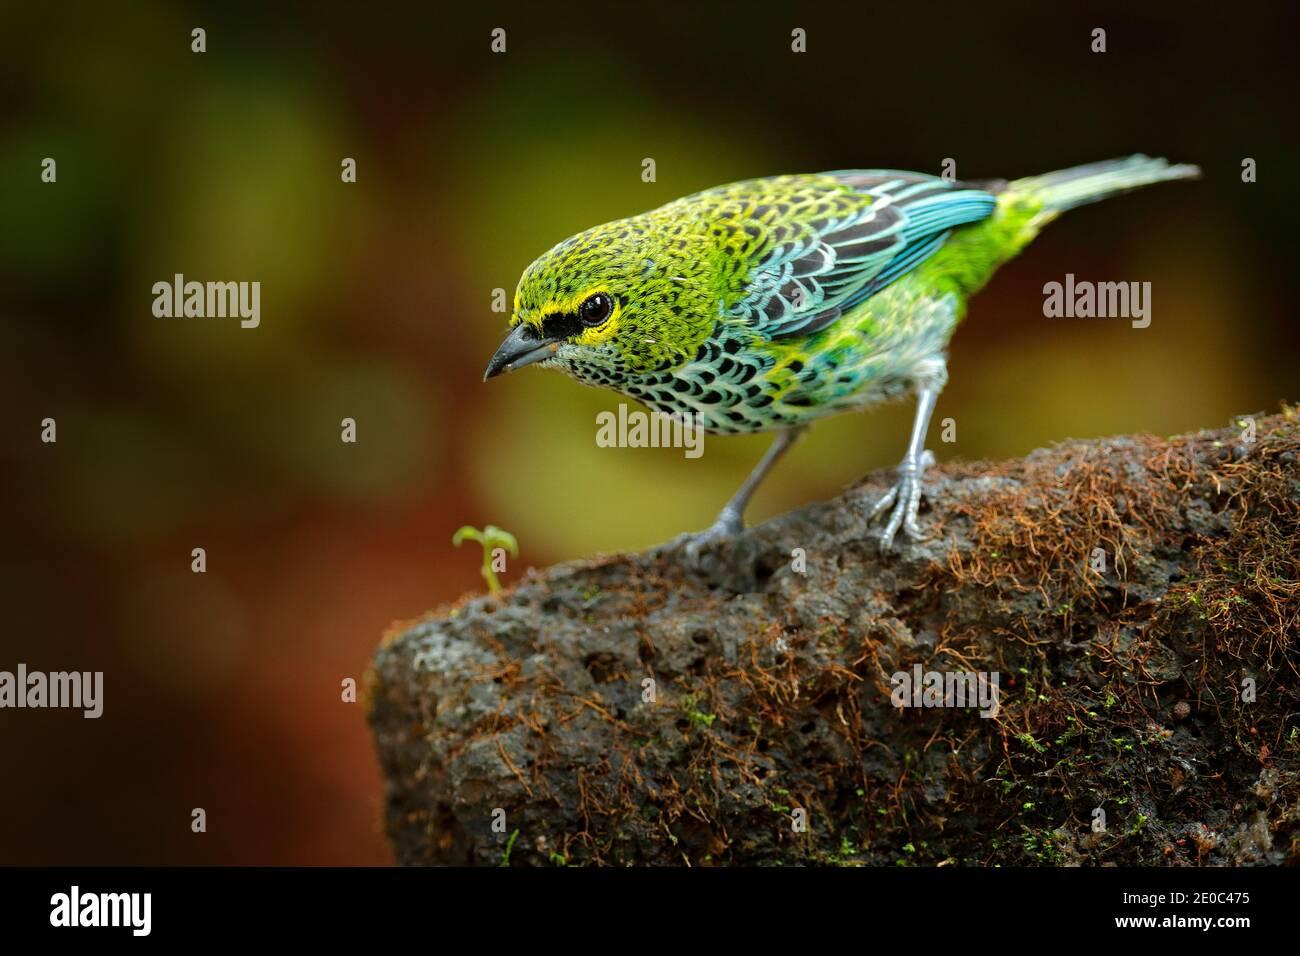 Tanagers moteado, Tangara guttata, sentado en la piedra marrón. Aves tropicales en el hábitat natural. Vida silvestre en Costa Rica. Montaña amarilla y verde Foto de stock